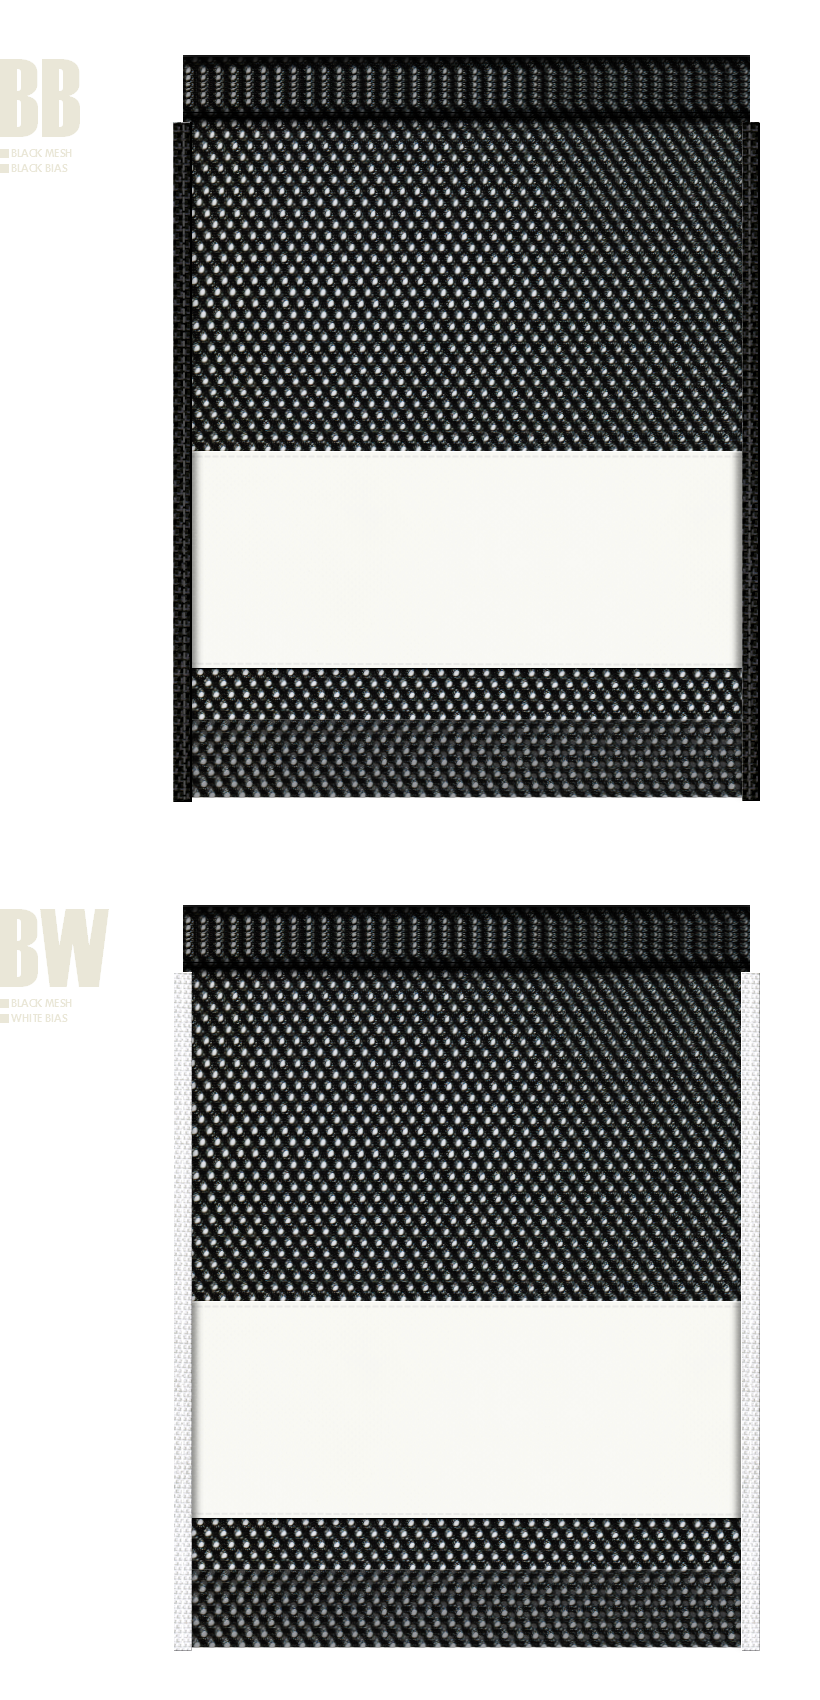 黒色メッシュとオフホワイト色不織布のメッシュバッグカラーシミュレーション:スポーツ用品・シューズバッグにお奨め